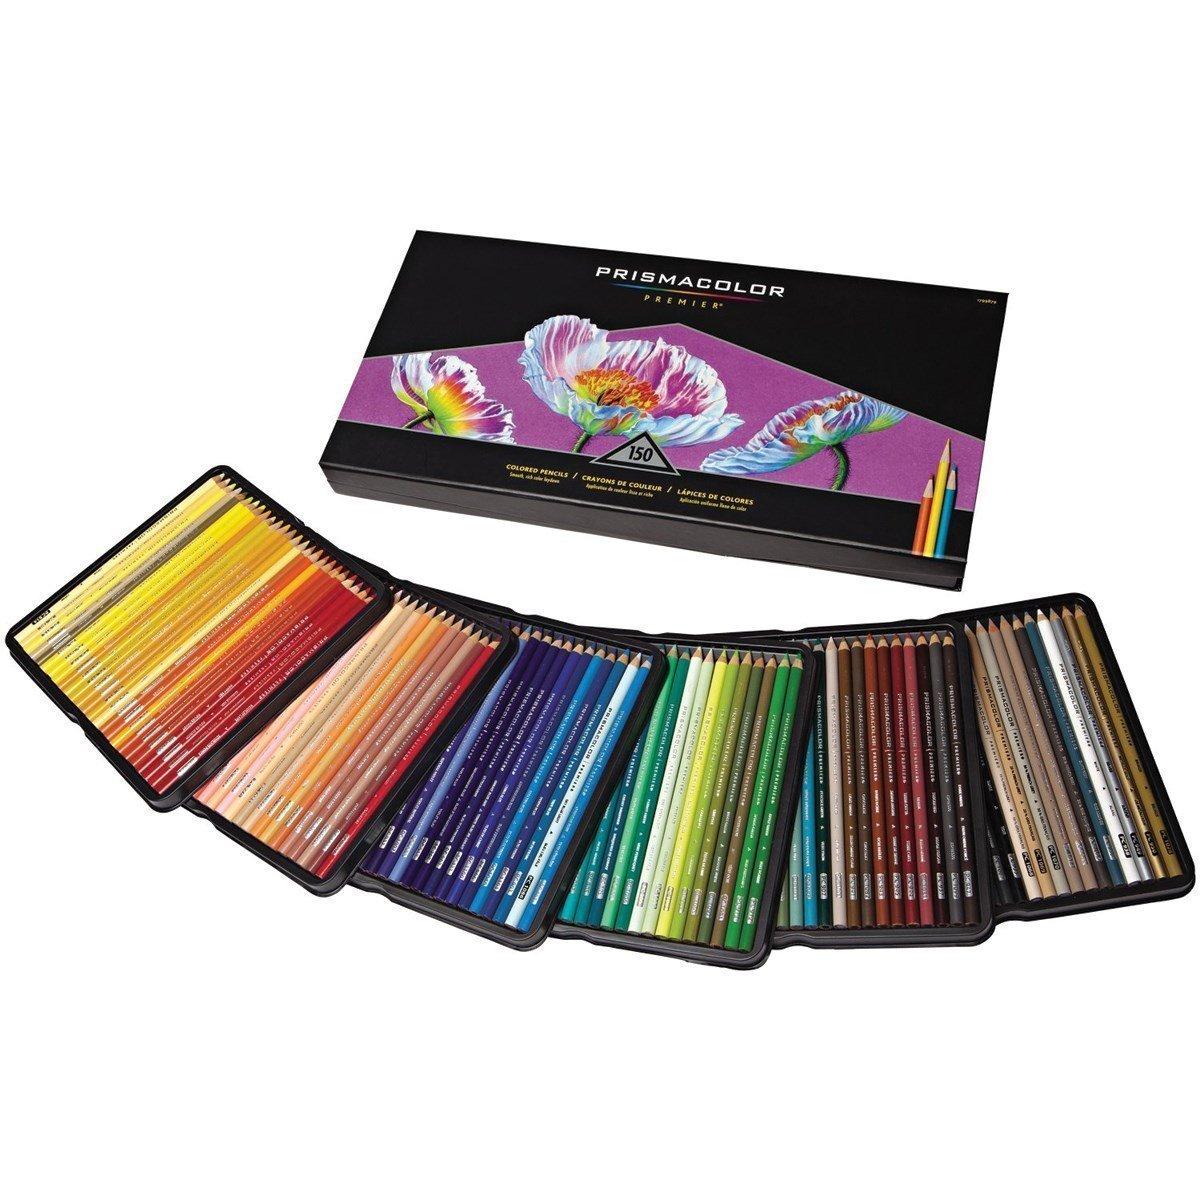 Prismacolor Premier matite colorate, 150pz 1800059